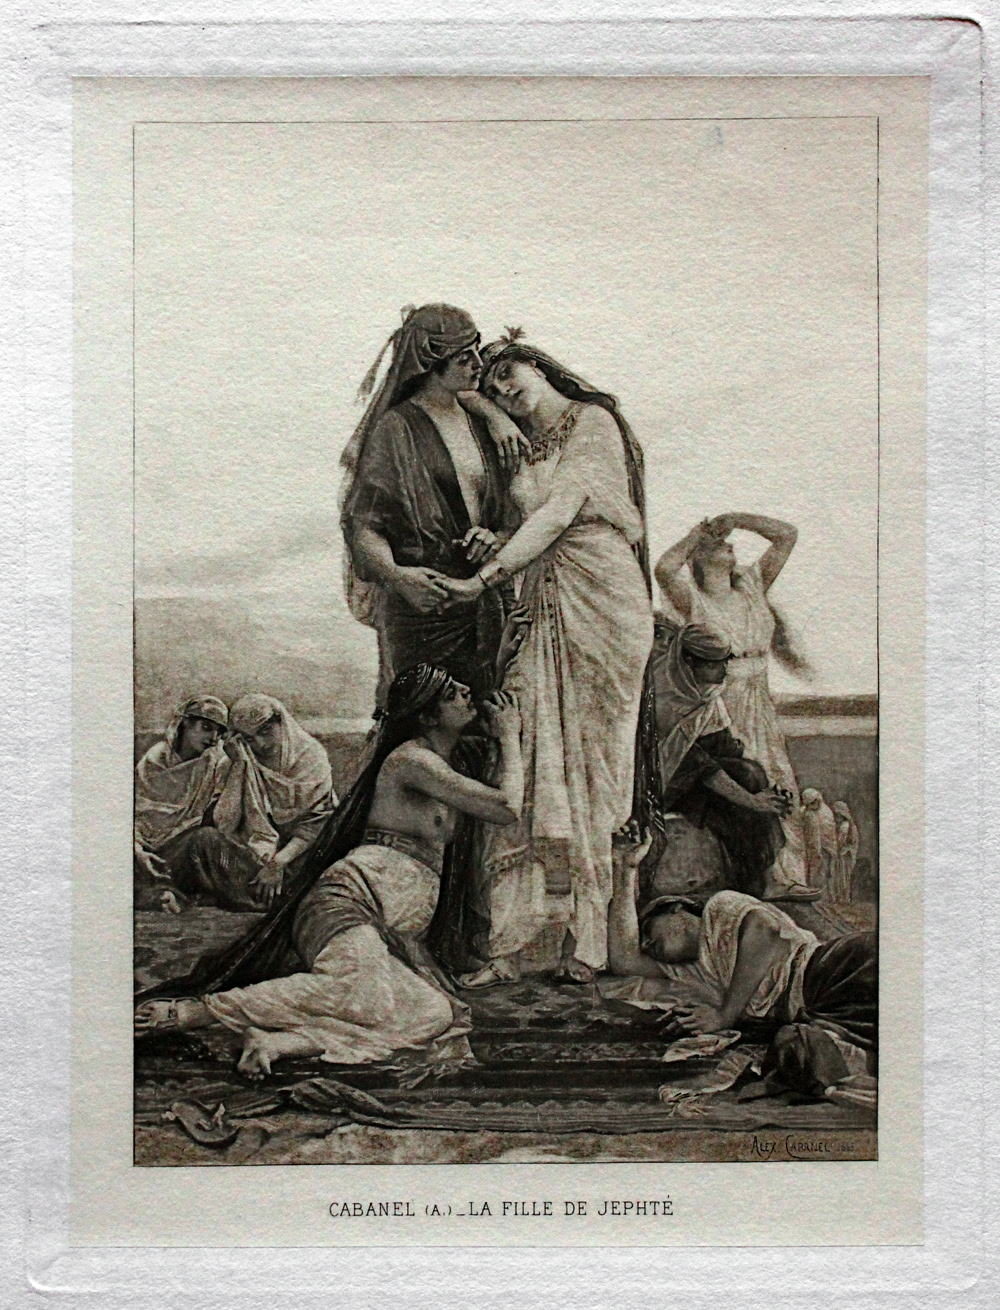 アレクサンドル・カバネルの画像 p1_20